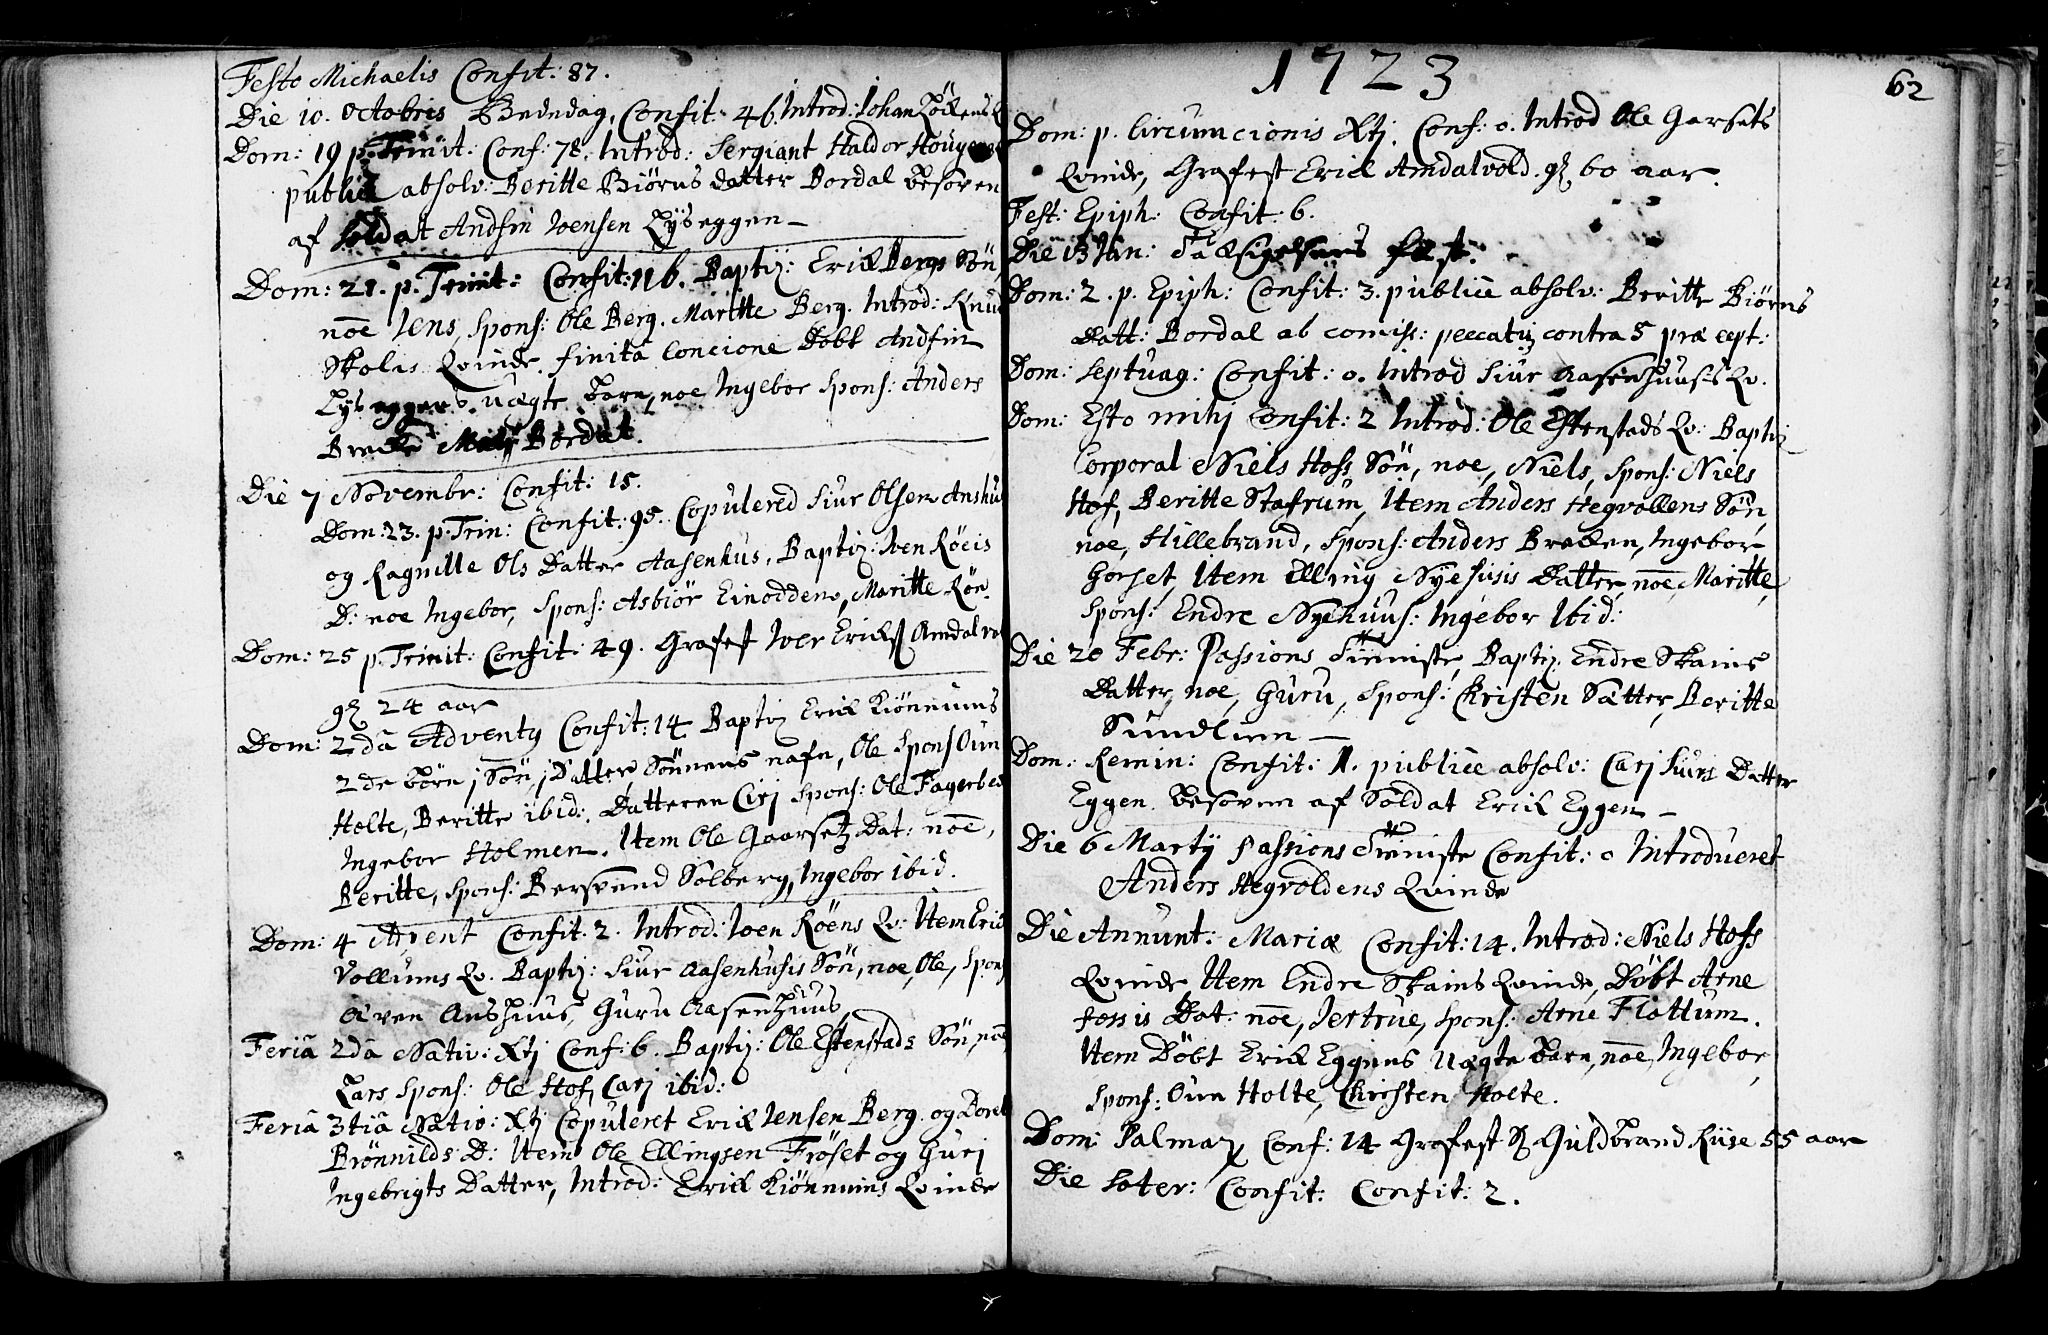 SAT, Ministerialprotokoller, klokkerbøker og fødselsregistre - Sør-Trøndelag, 689/L1036: Ministerialbok nr. 689A01, 1696-1746, s. 62